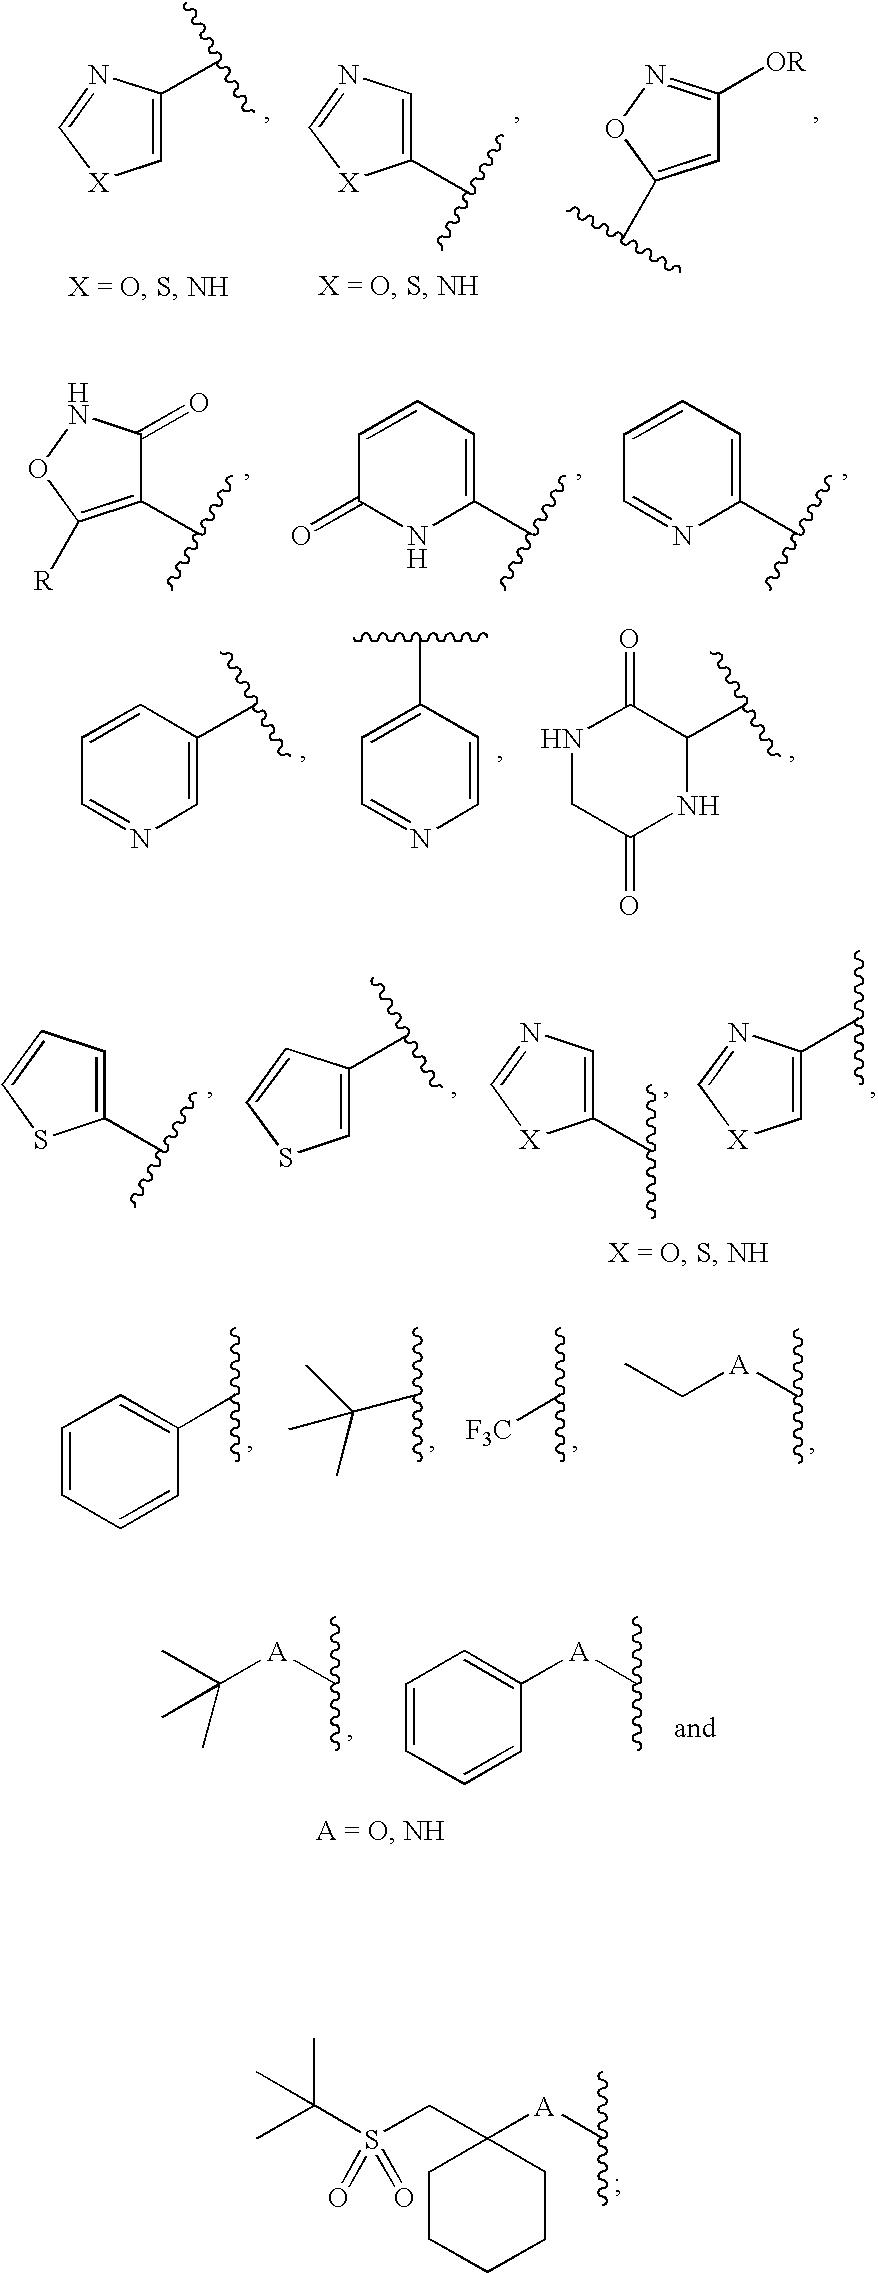 Figure US20060287248A1-20061221-C00054